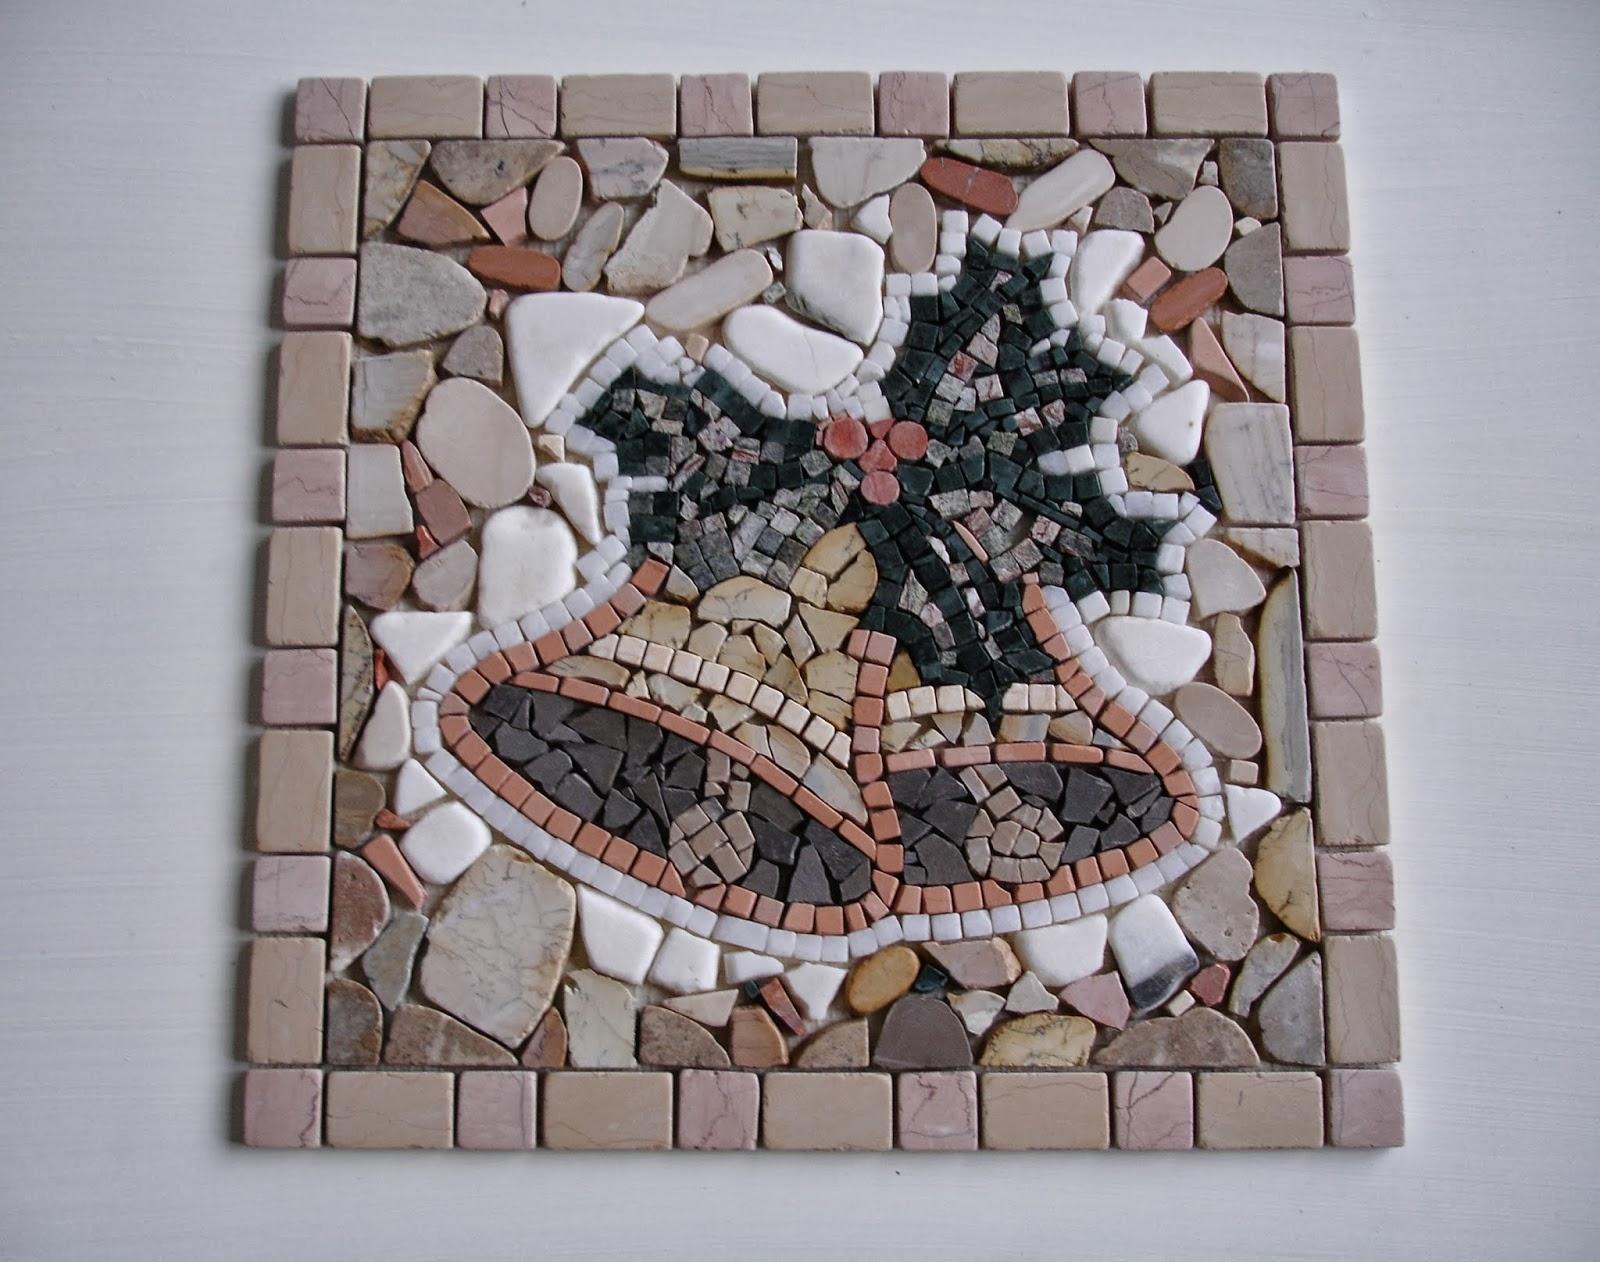 Franco andrenacci rosoni e decori in pietre naturali per pavimenti e pareti realizzati da - Decori per pavimenti ...